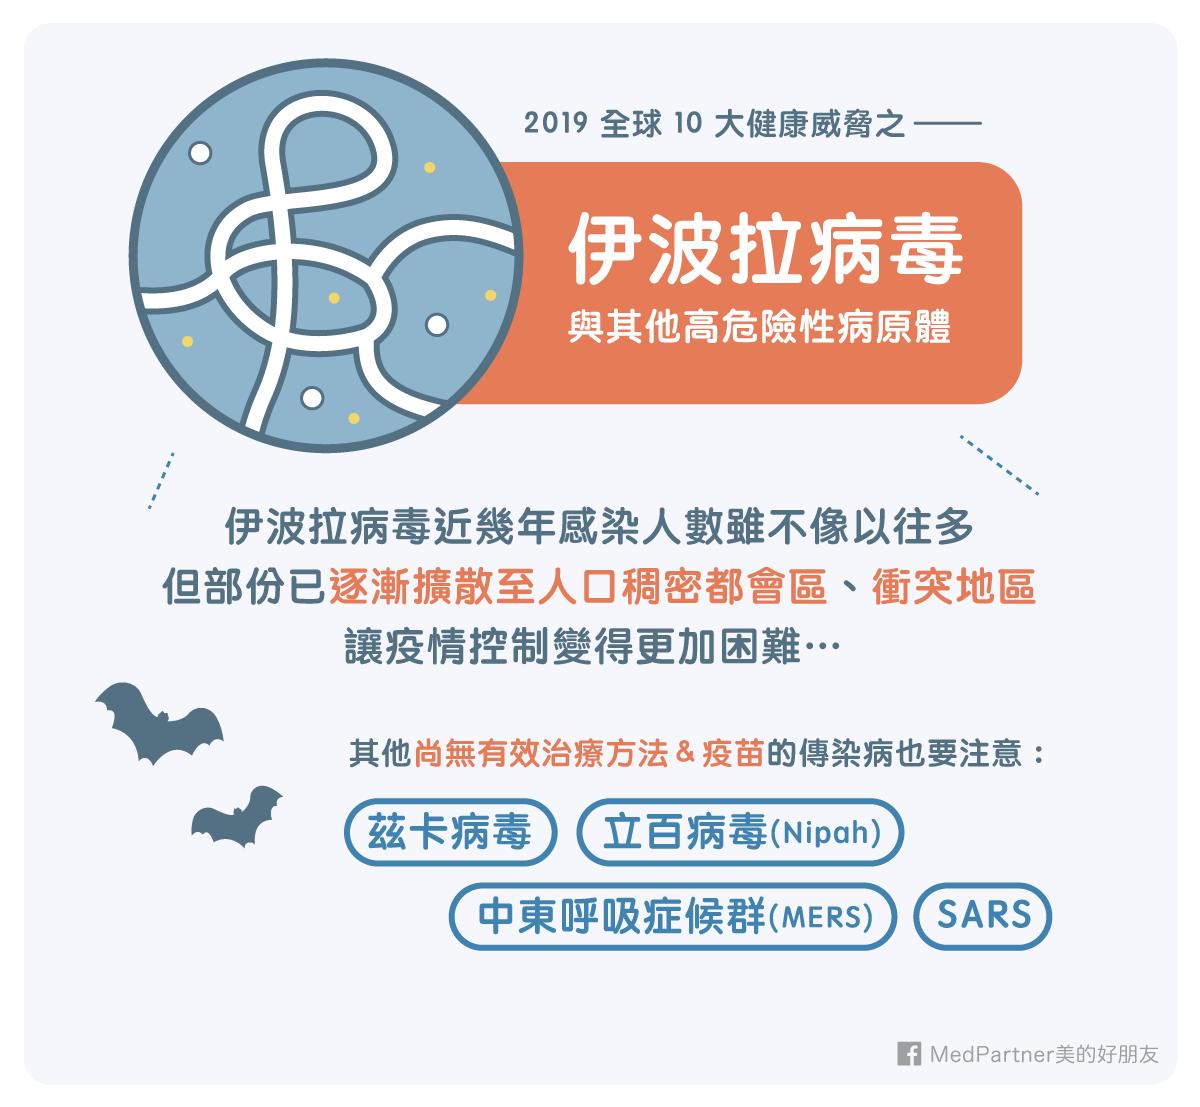 10大健康威脅_下_伊波拉病毒